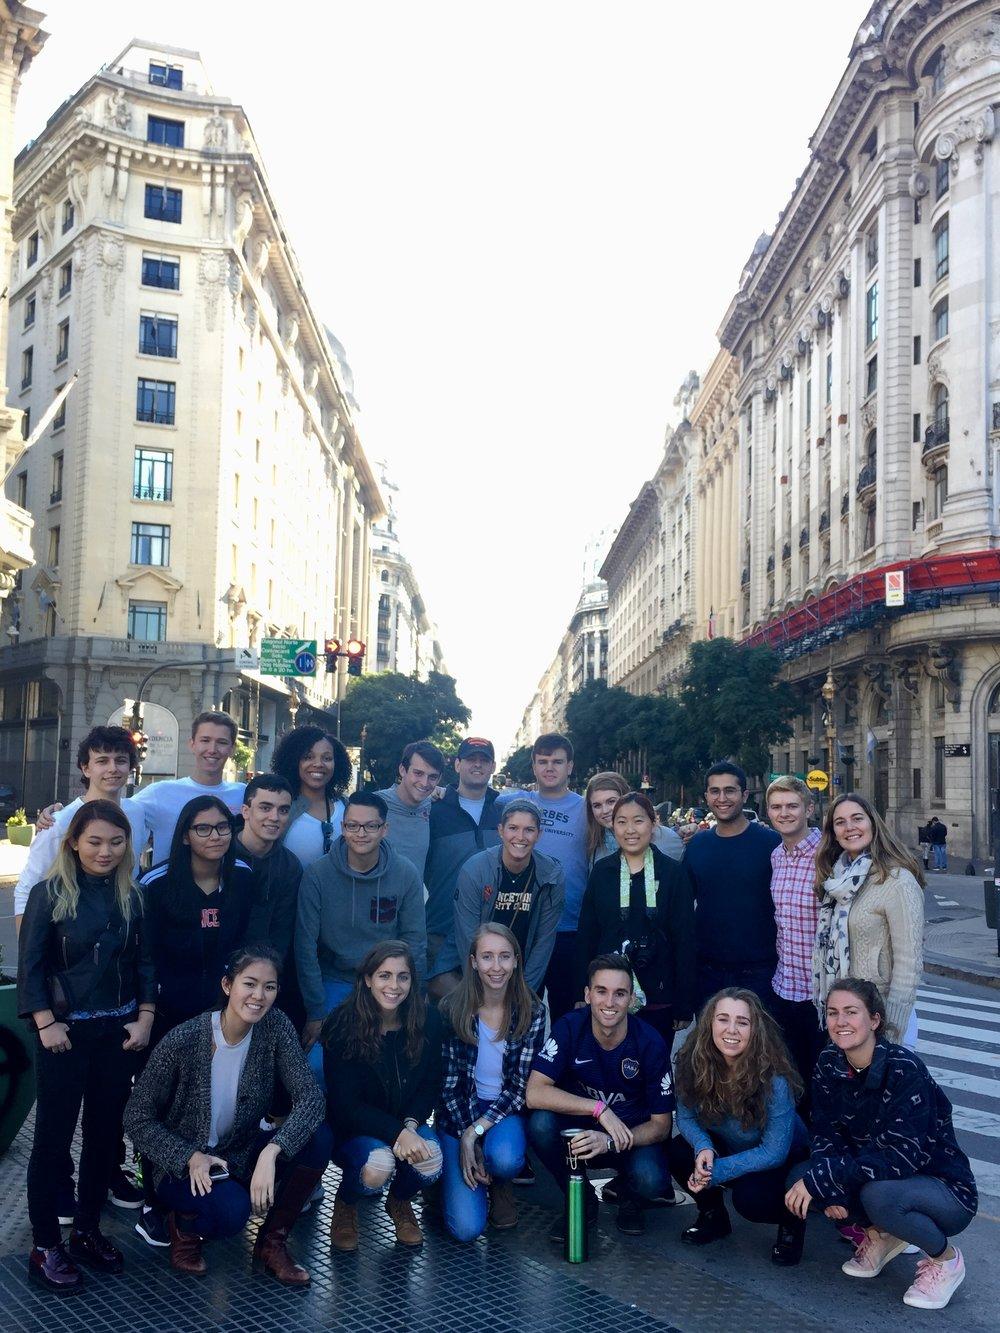 Puentes city tour - downtown